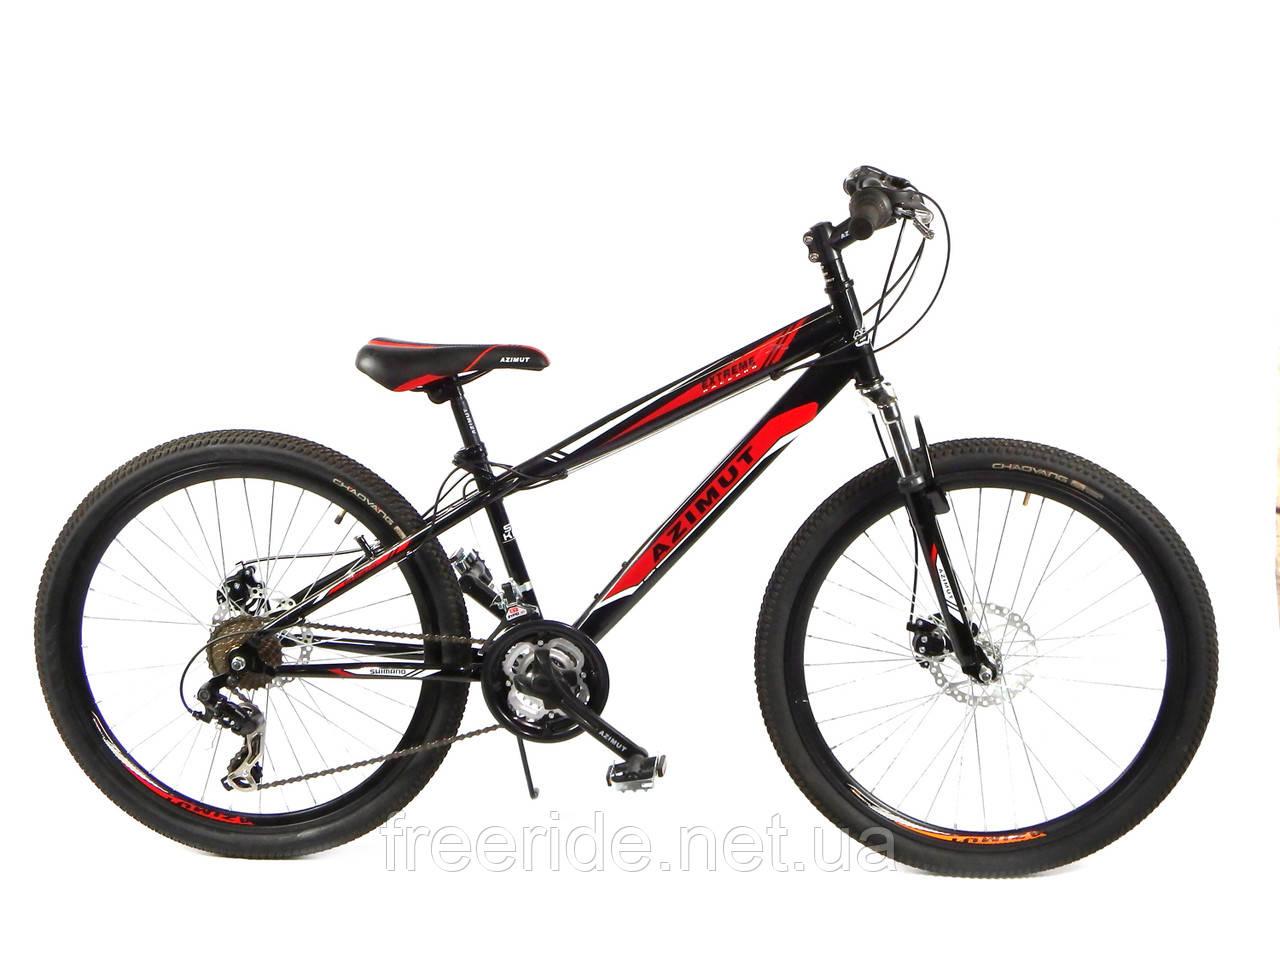 Подростковый Велосипед Azimut Extreme 24 GD